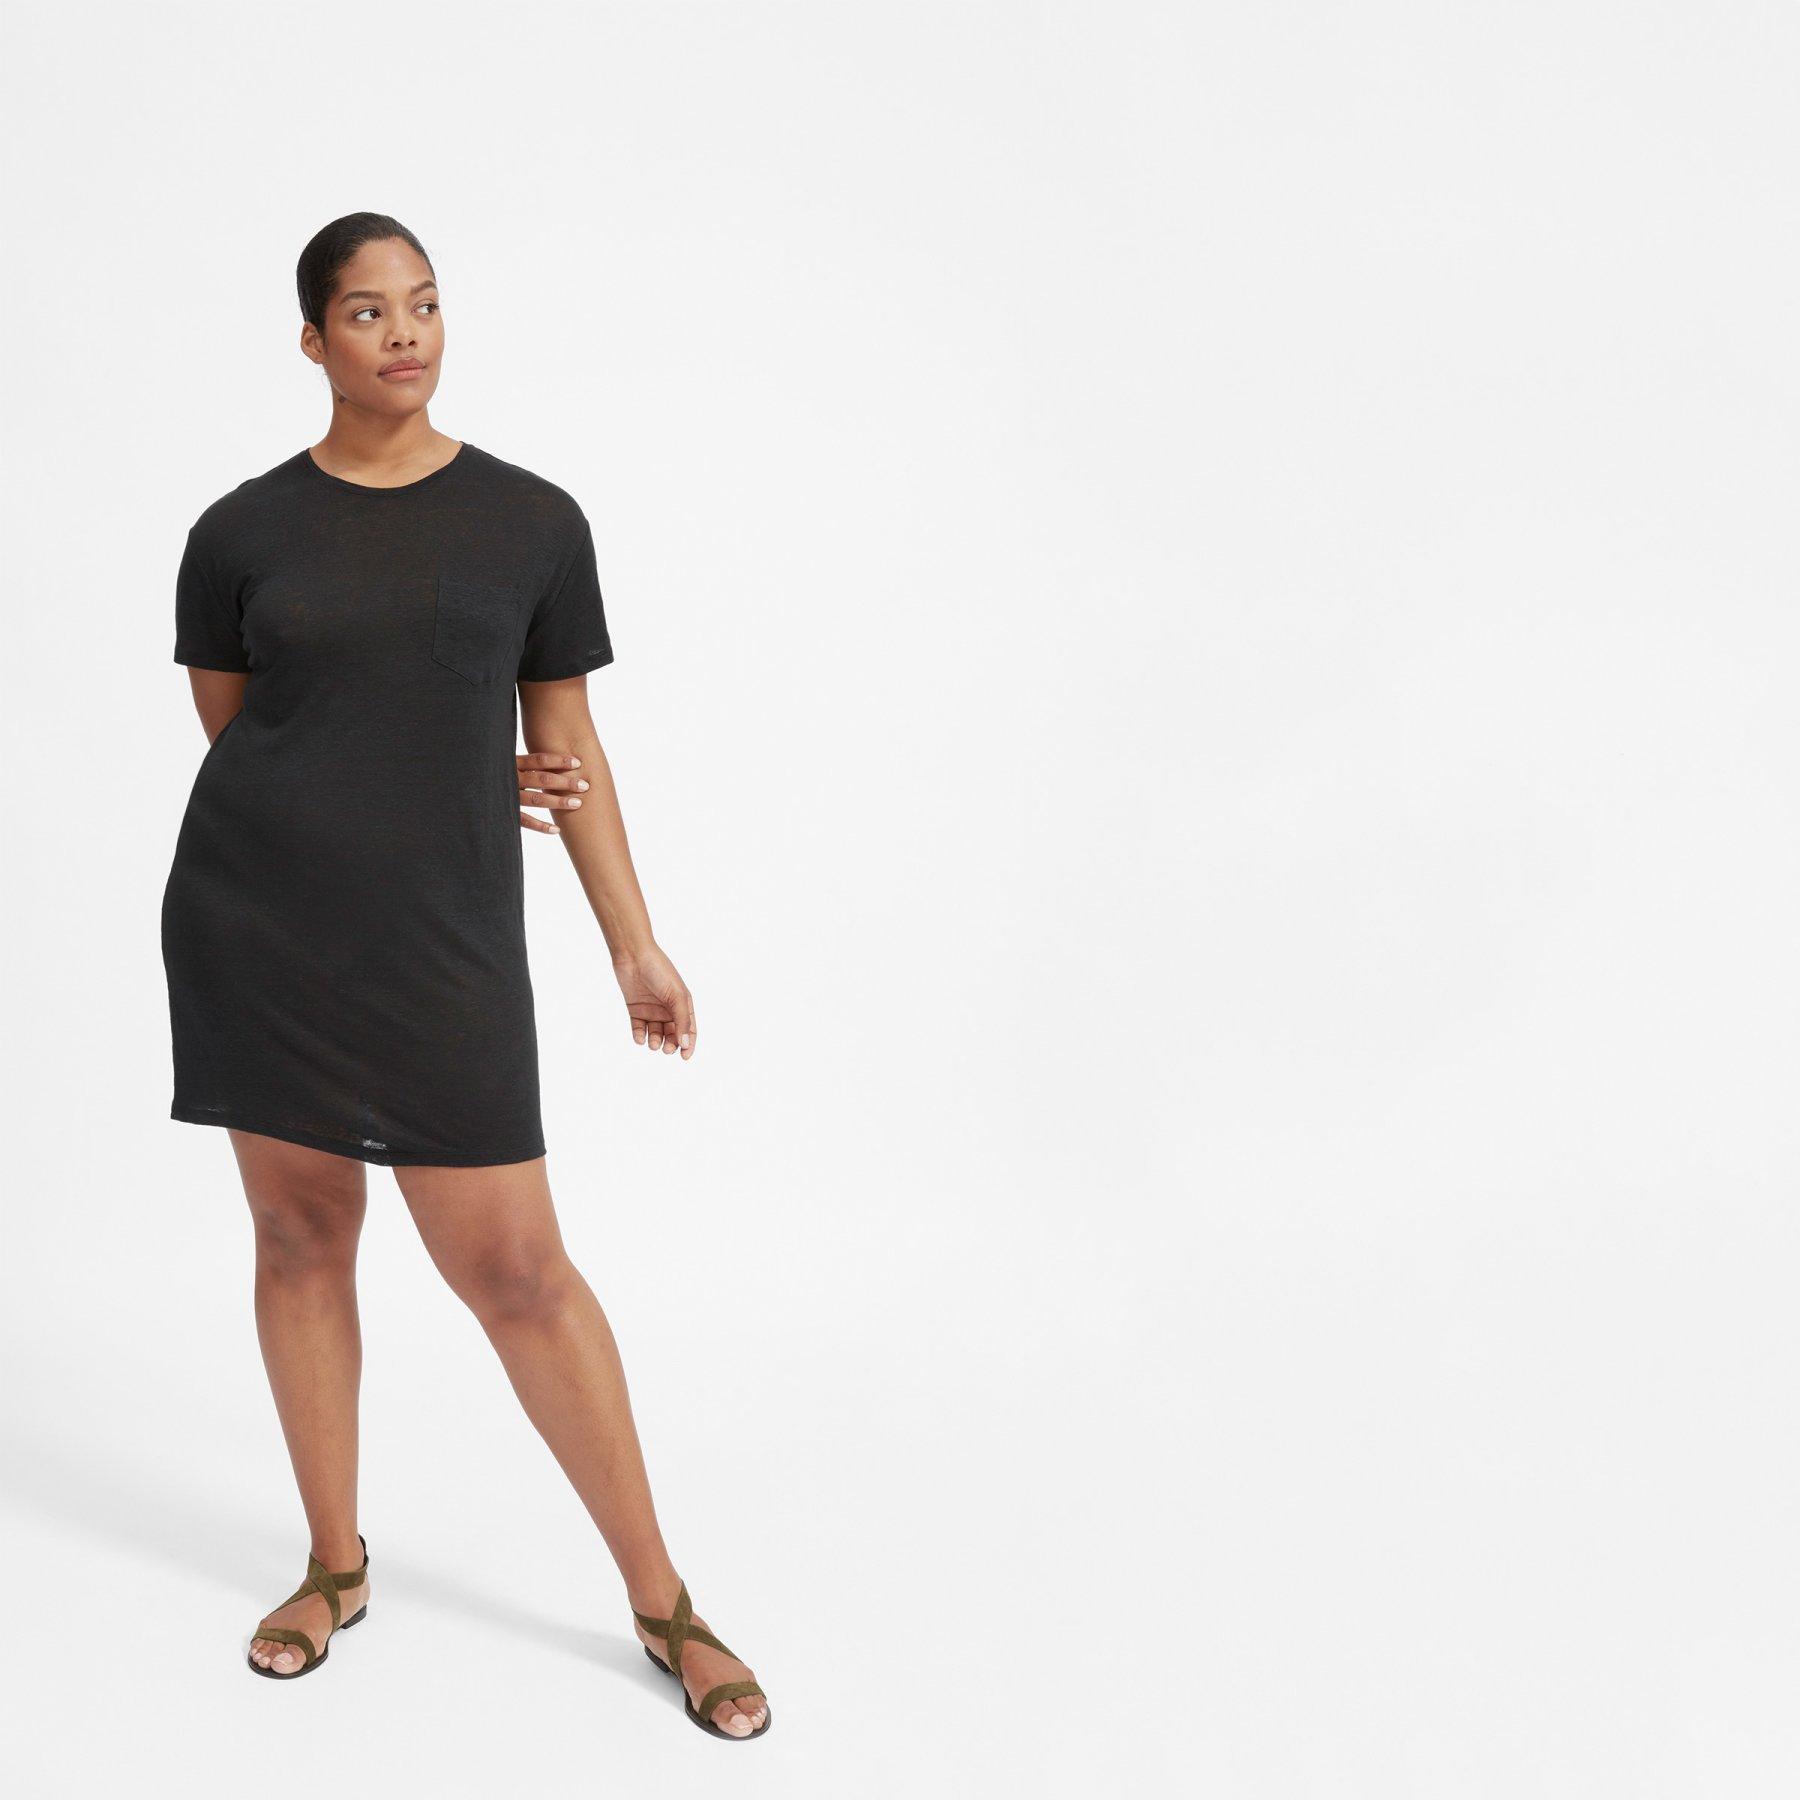 The Linen Box Cut Tee Dress by Everlane